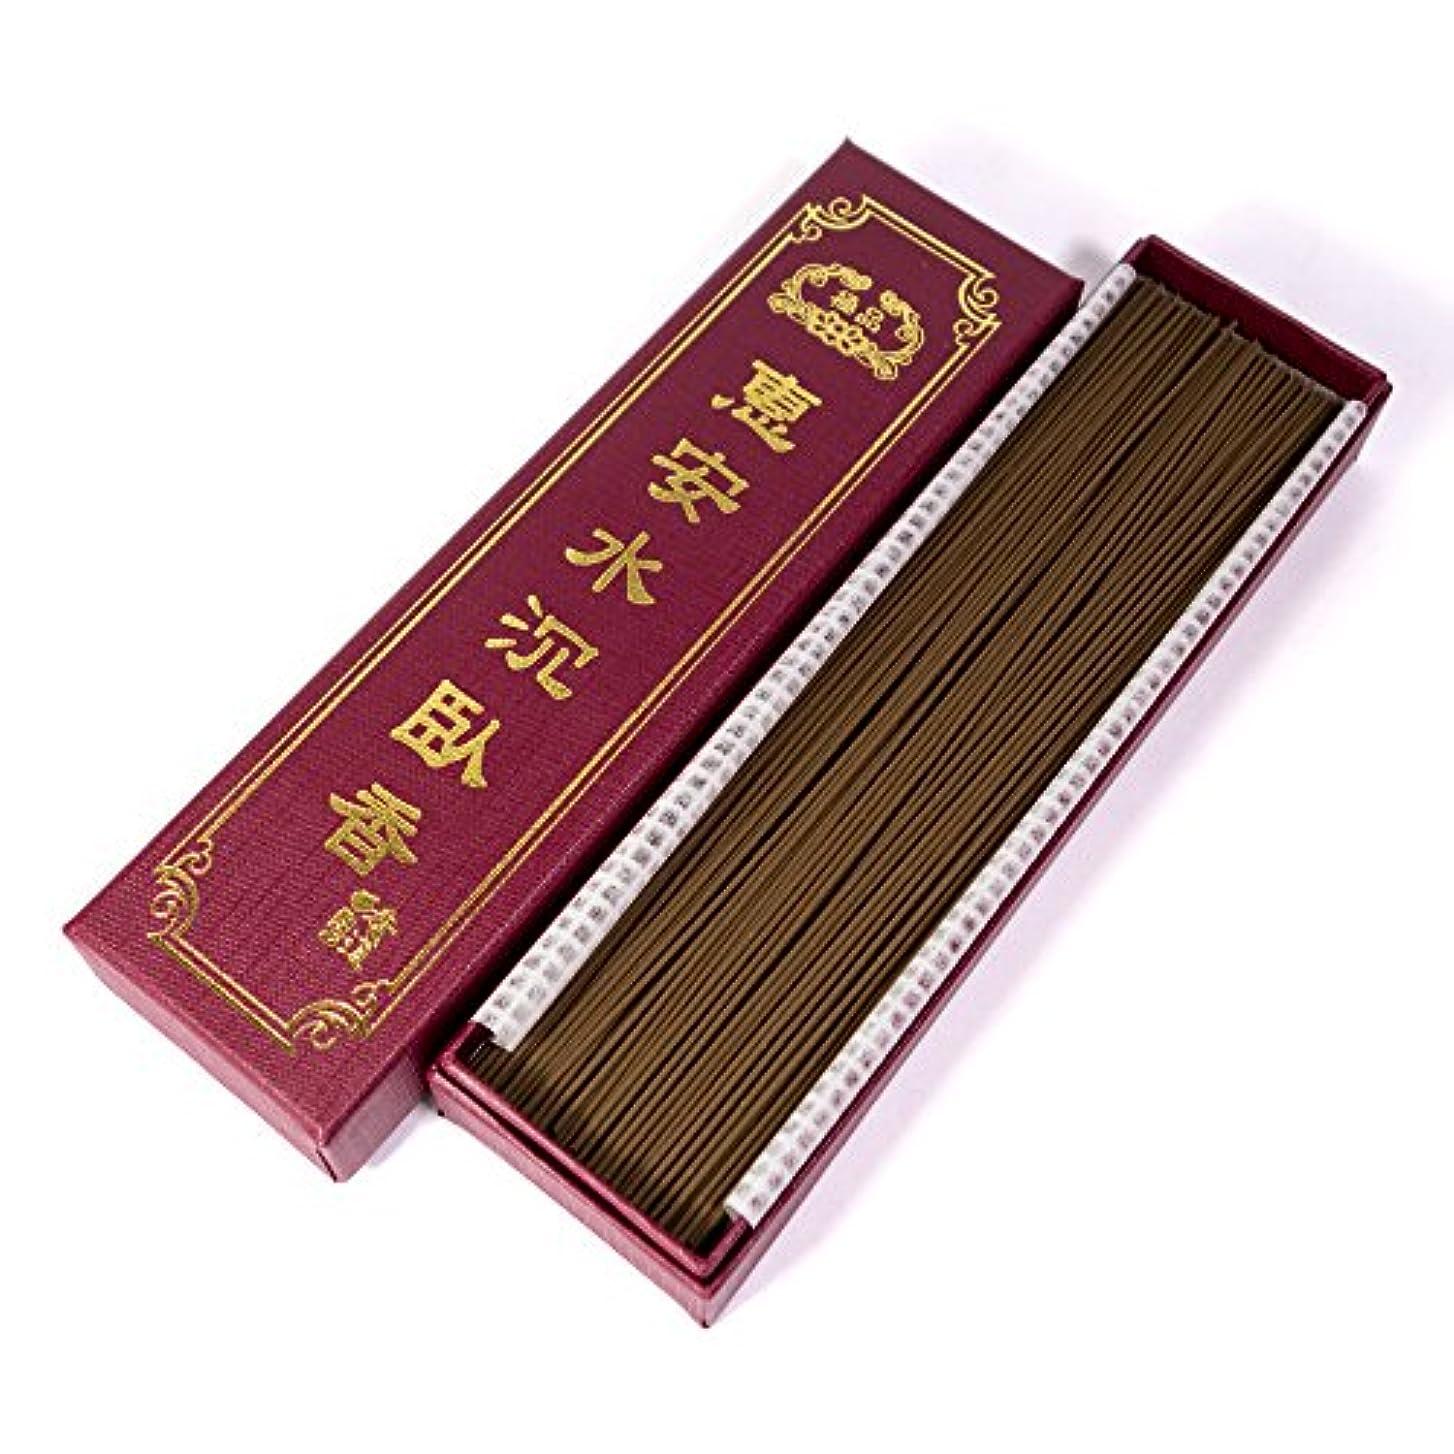 くしゃくしゃジョージハンブリー暖炉台湾沉香舍 お香 香木 線香 水沈香 惠安水沈香 煙少香 21cm 75g 約220本